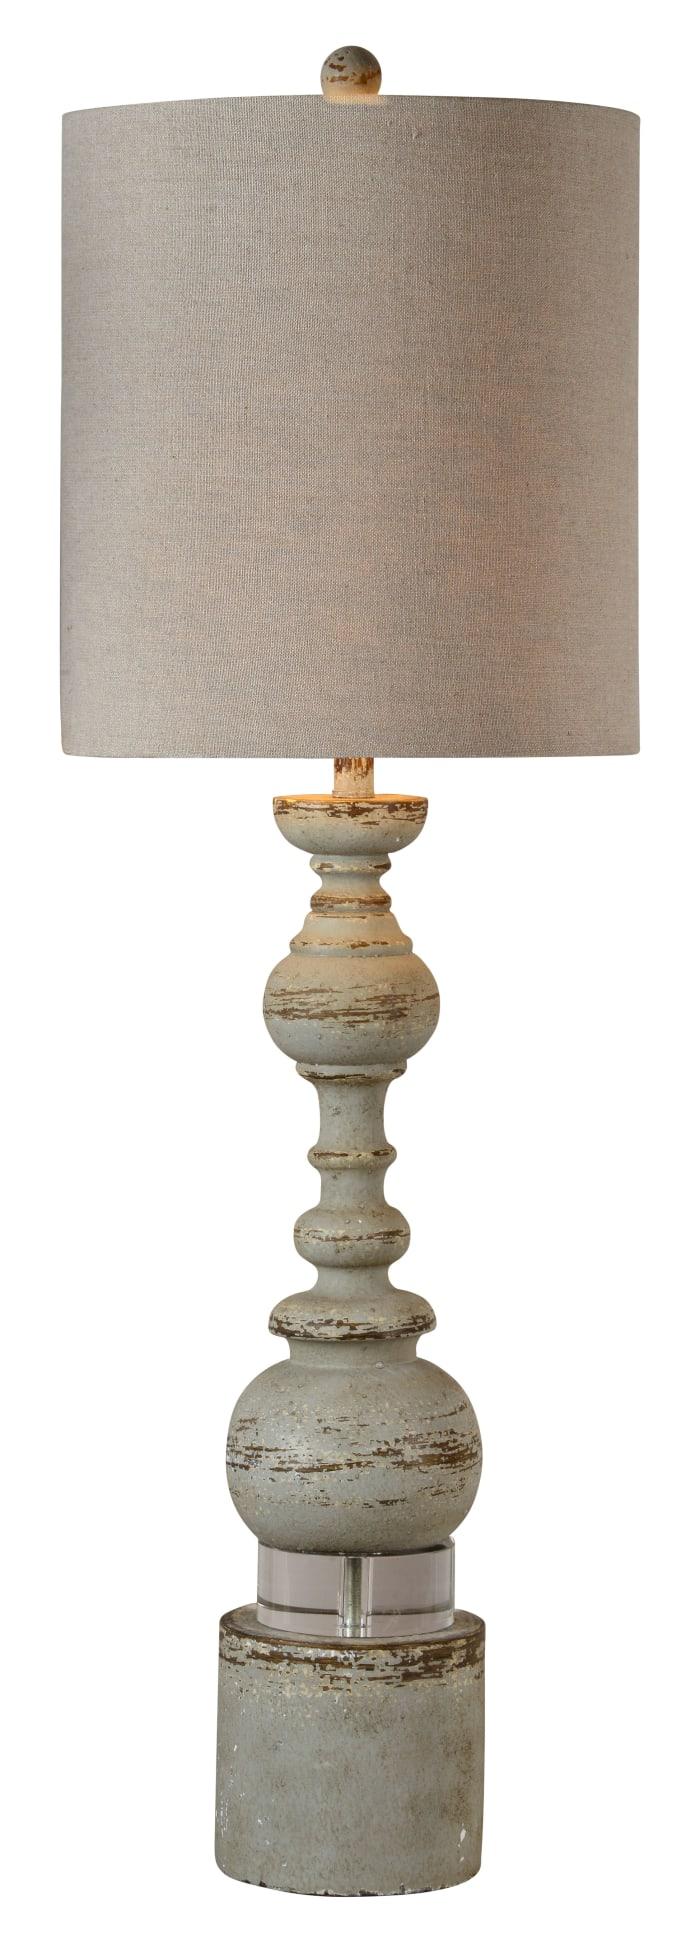 Elise Set of 2 Buffet Lamps